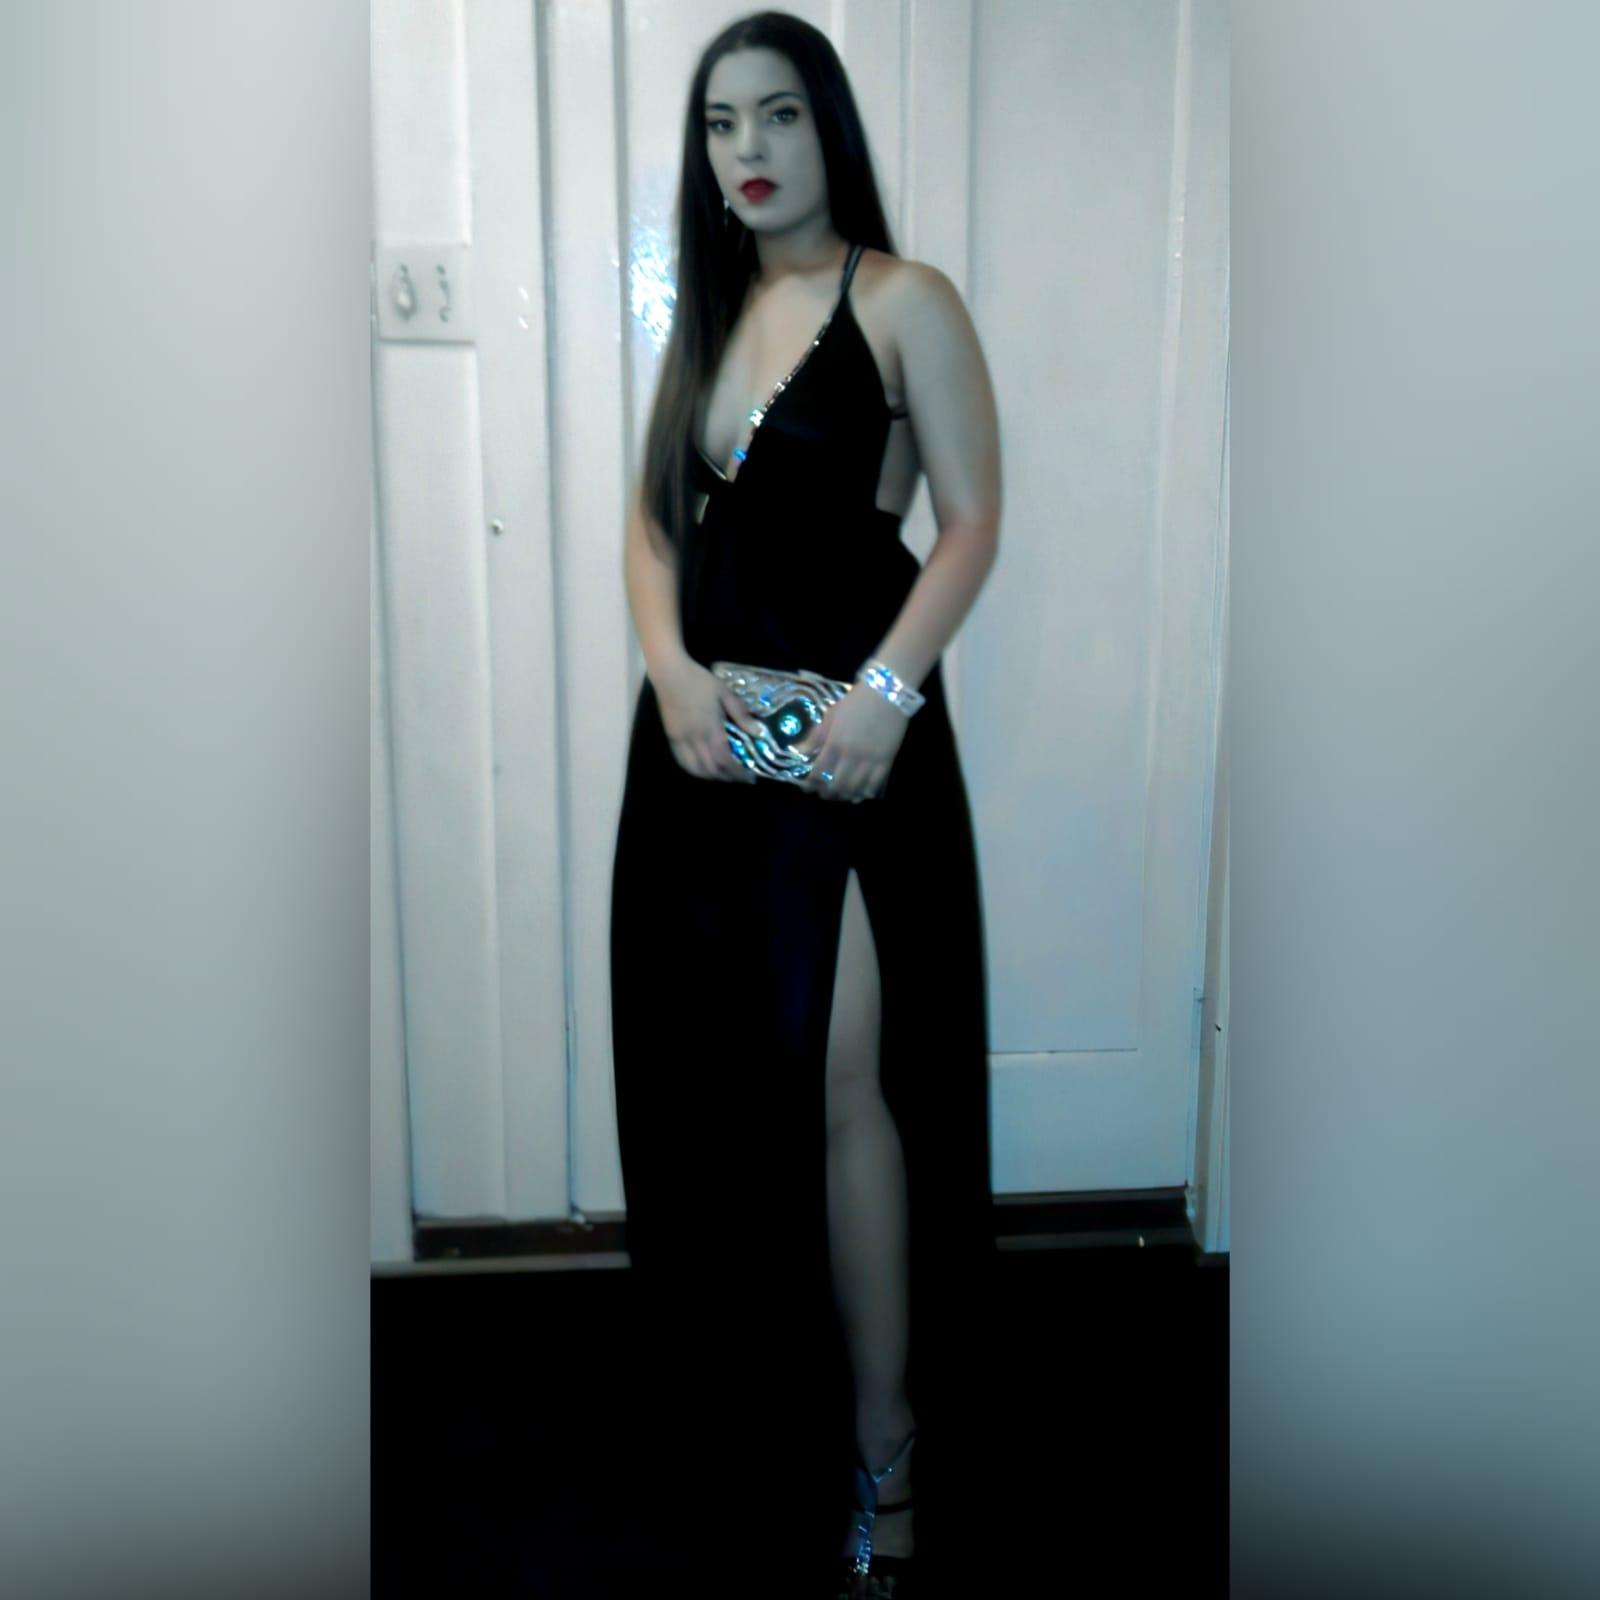 Vestido de cerimônia com decote profundo preto sexy 1 sexy black plunging neckline prom dress, with a naked back, crossed straps detailed with diamante and a slit